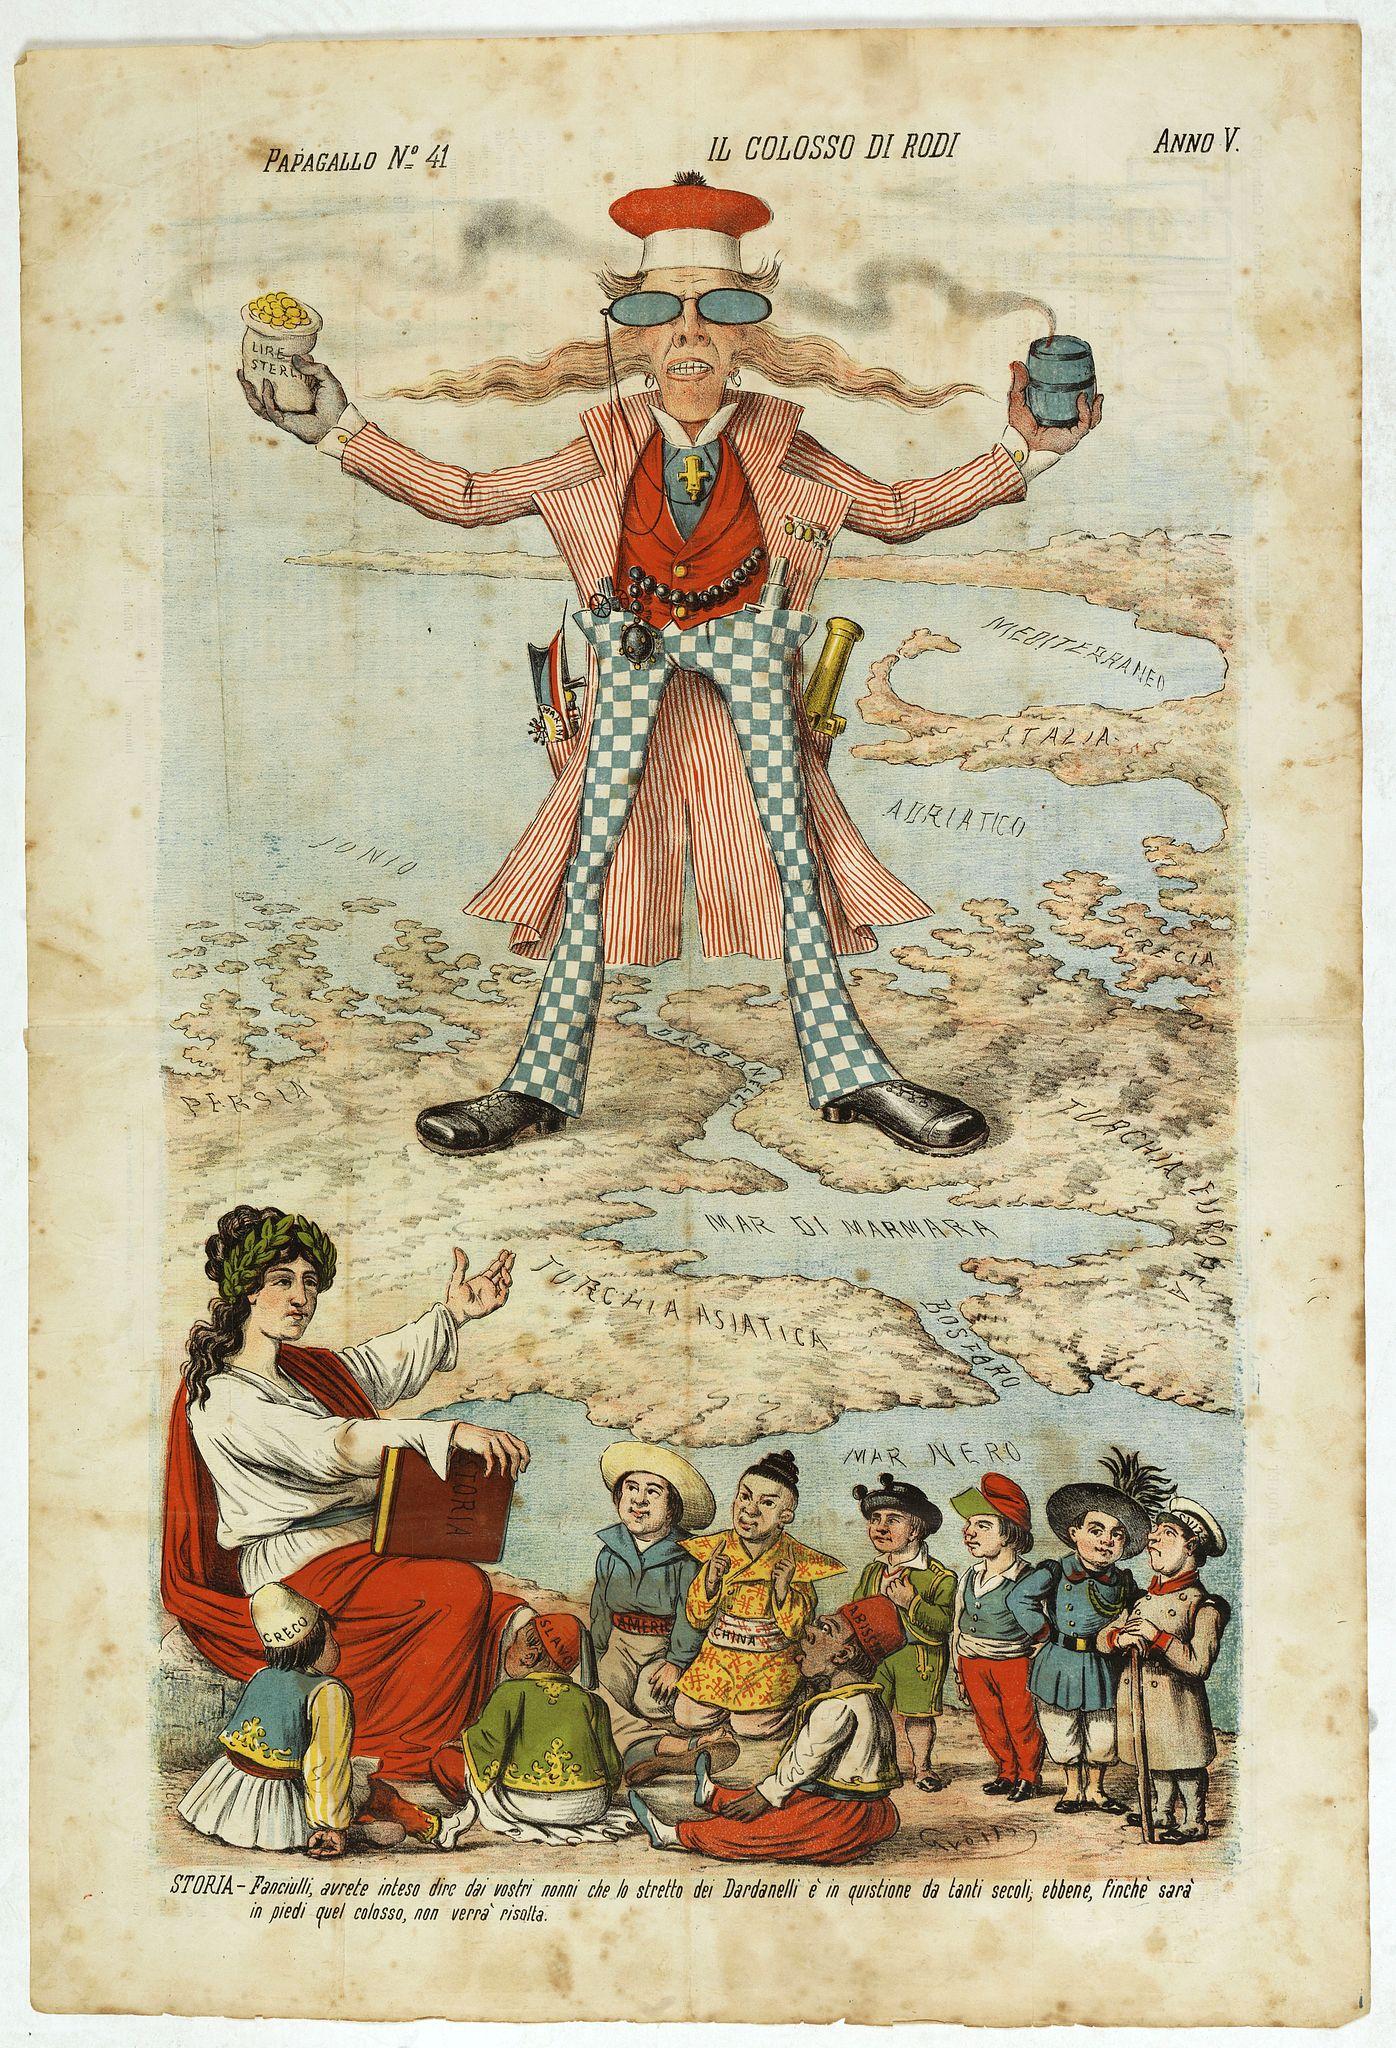 GROSSI, A. - Il colosso di Rodi. Papagallo No. 41. Anno V.